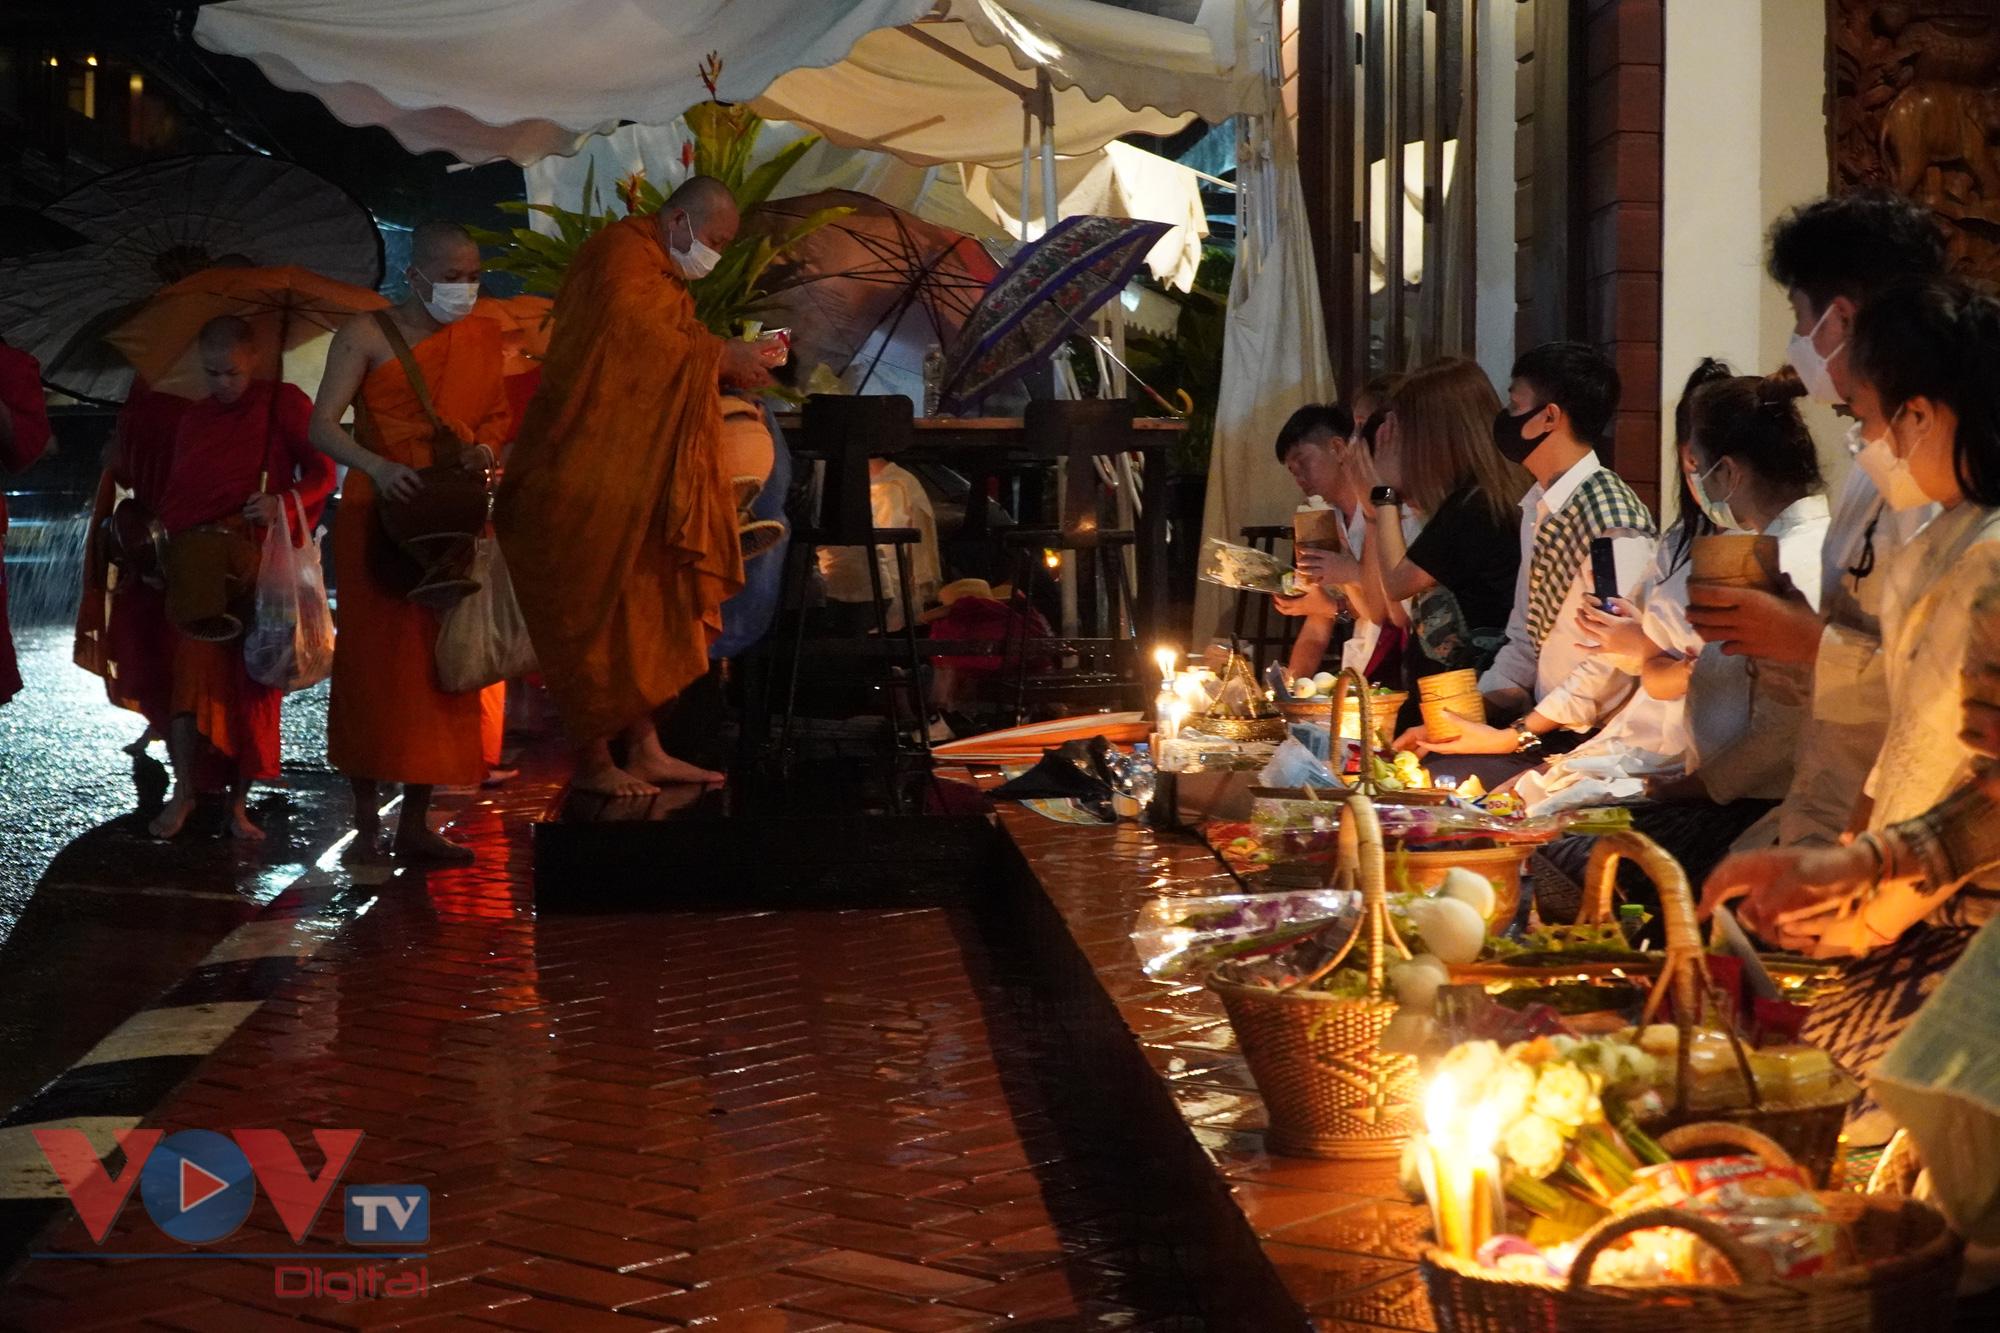 Trước ngày lễ một ngày, bà con Phật tử đã chuẩn bị các đồ lễ như: Gói bánh, chuẩn bị hương, hoa, nến, đèn, bánh kẹo, cơm , xôi, hoa quả… để cúng dường